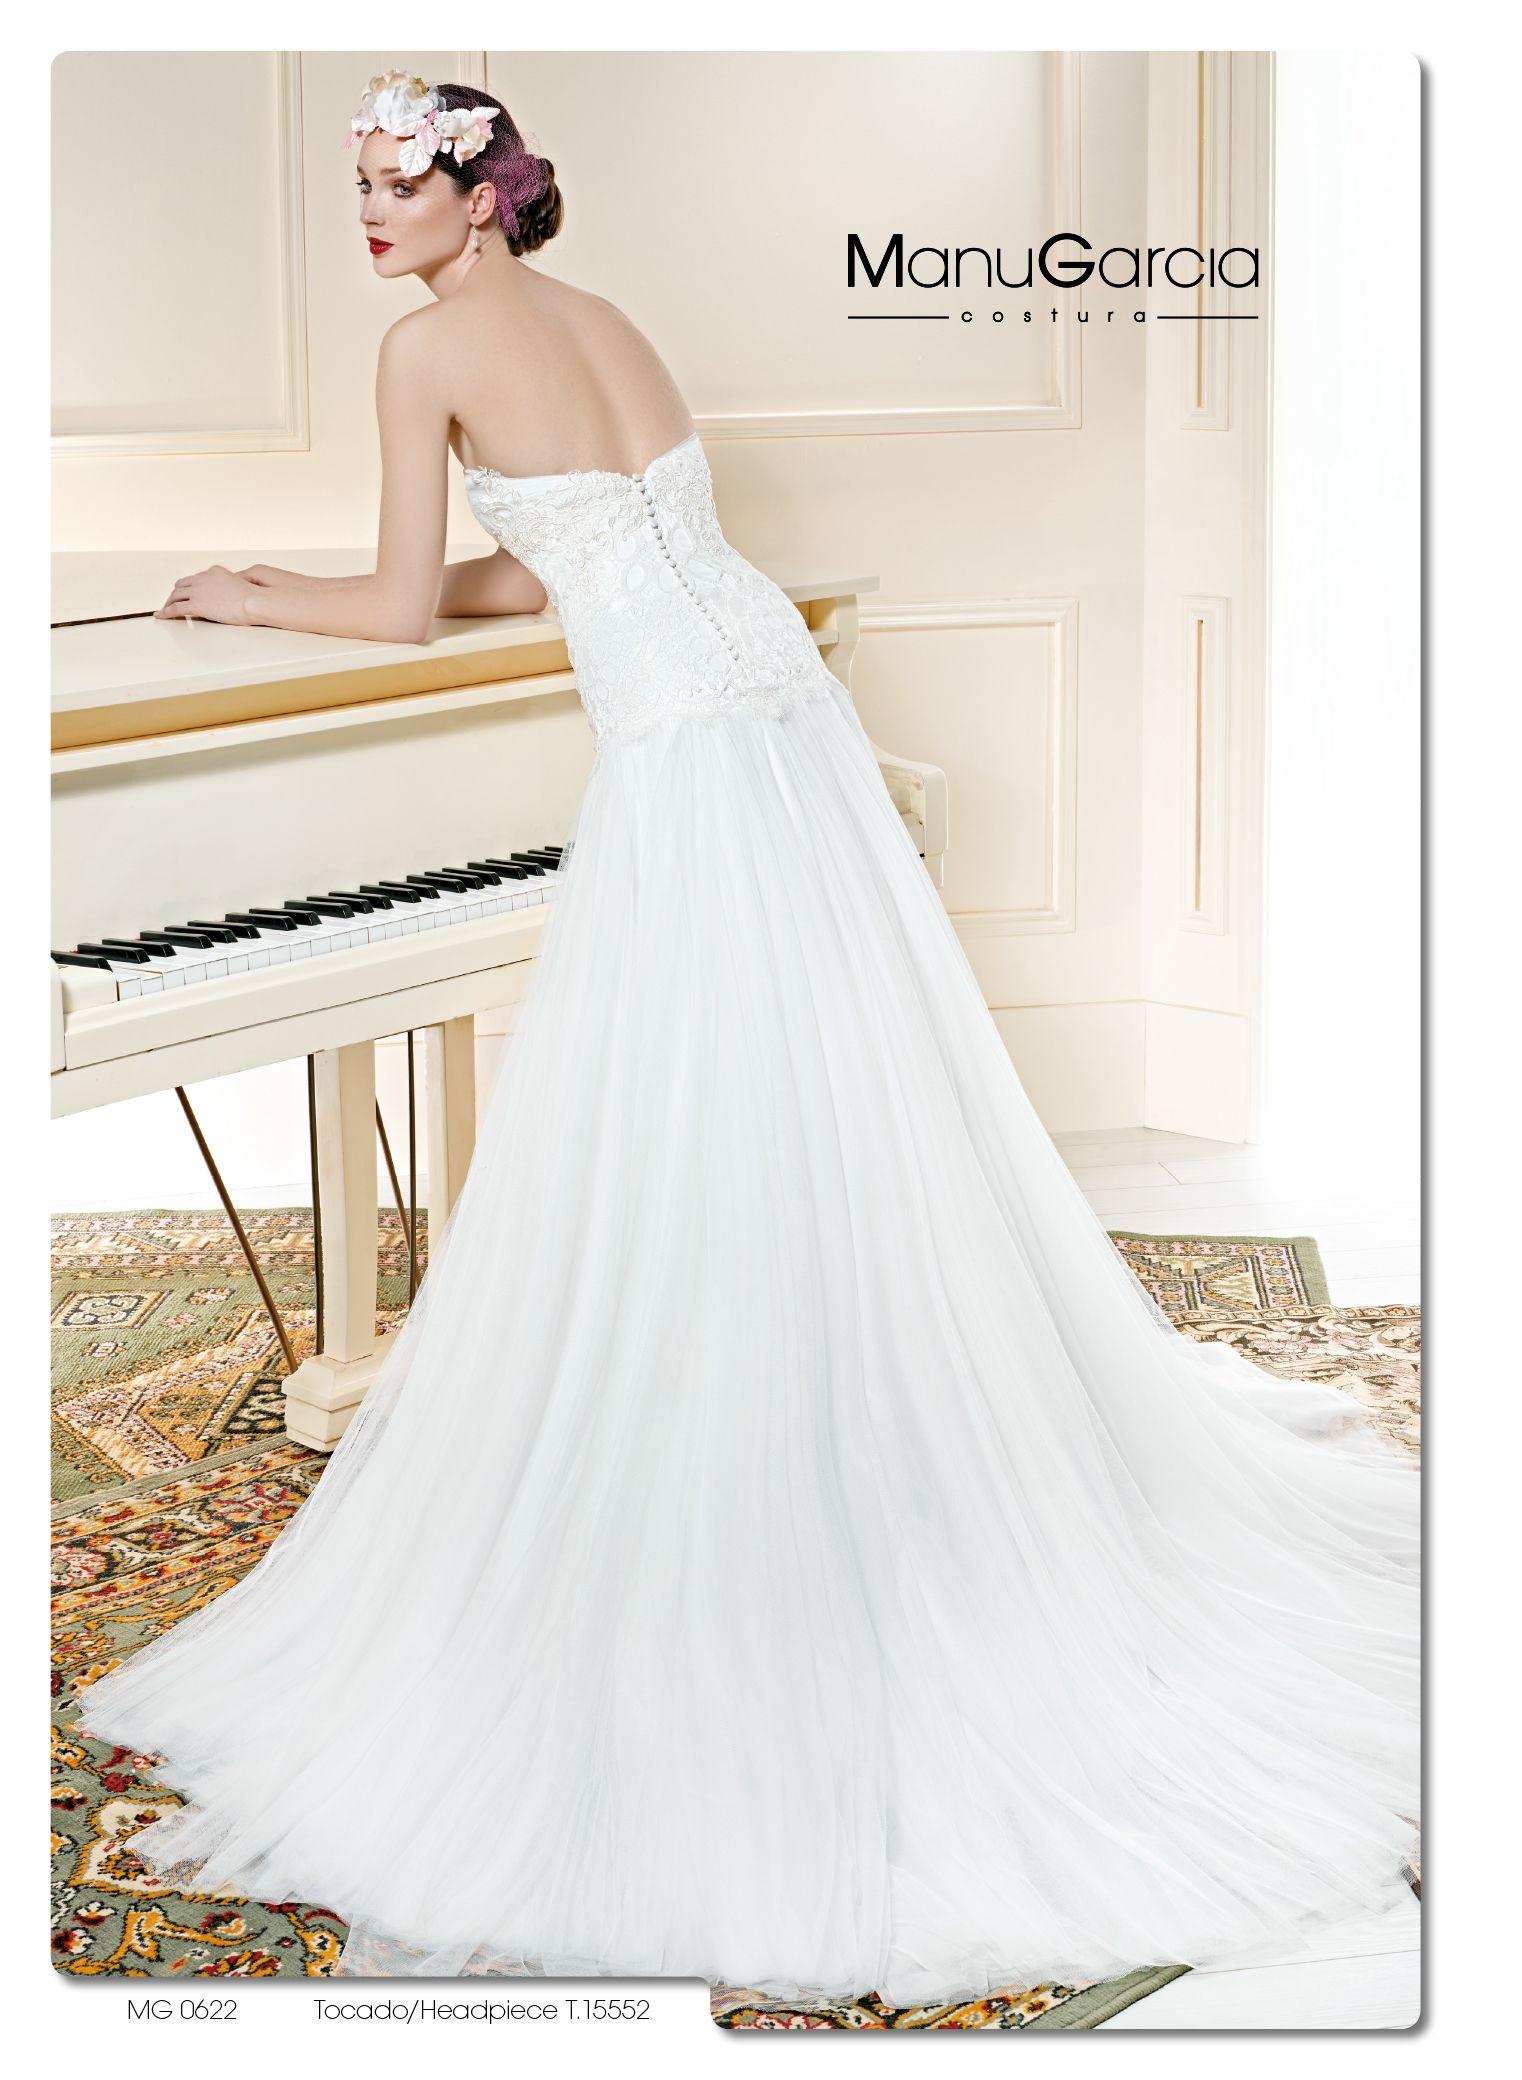 Puedes encontrar la colección novia de @ManuGarcia_GHN en nuestra tienda de #FuentePalmera